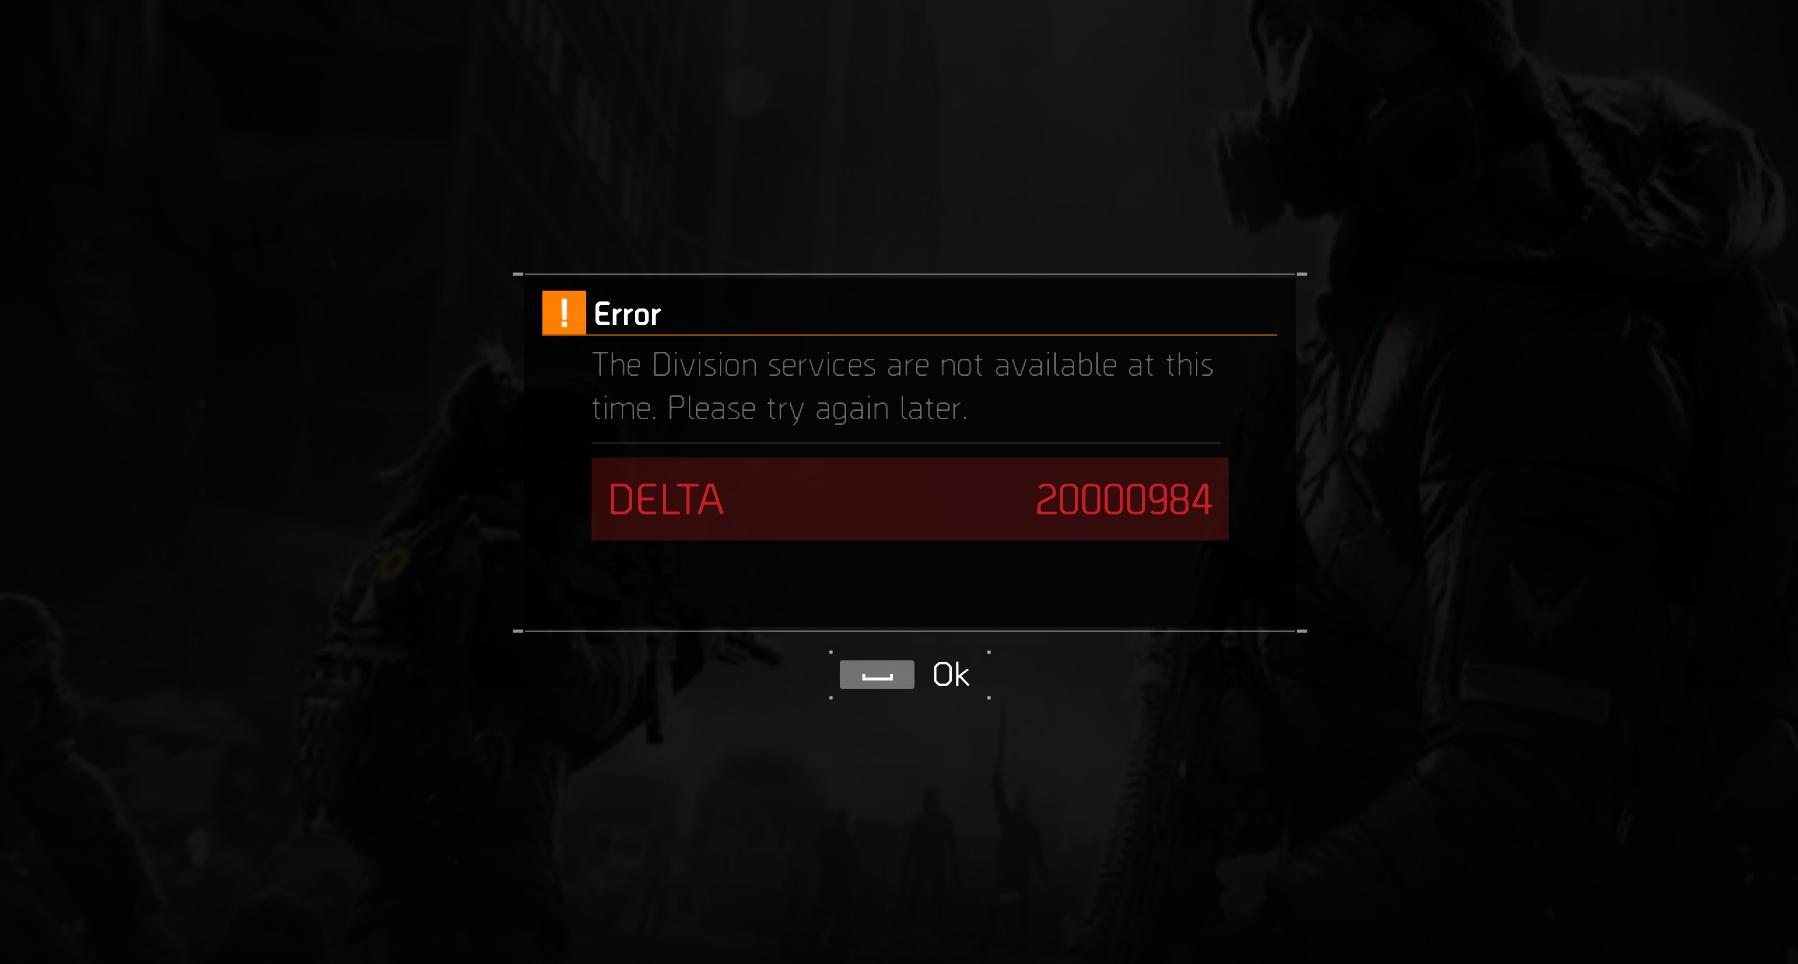 Delta 20000984